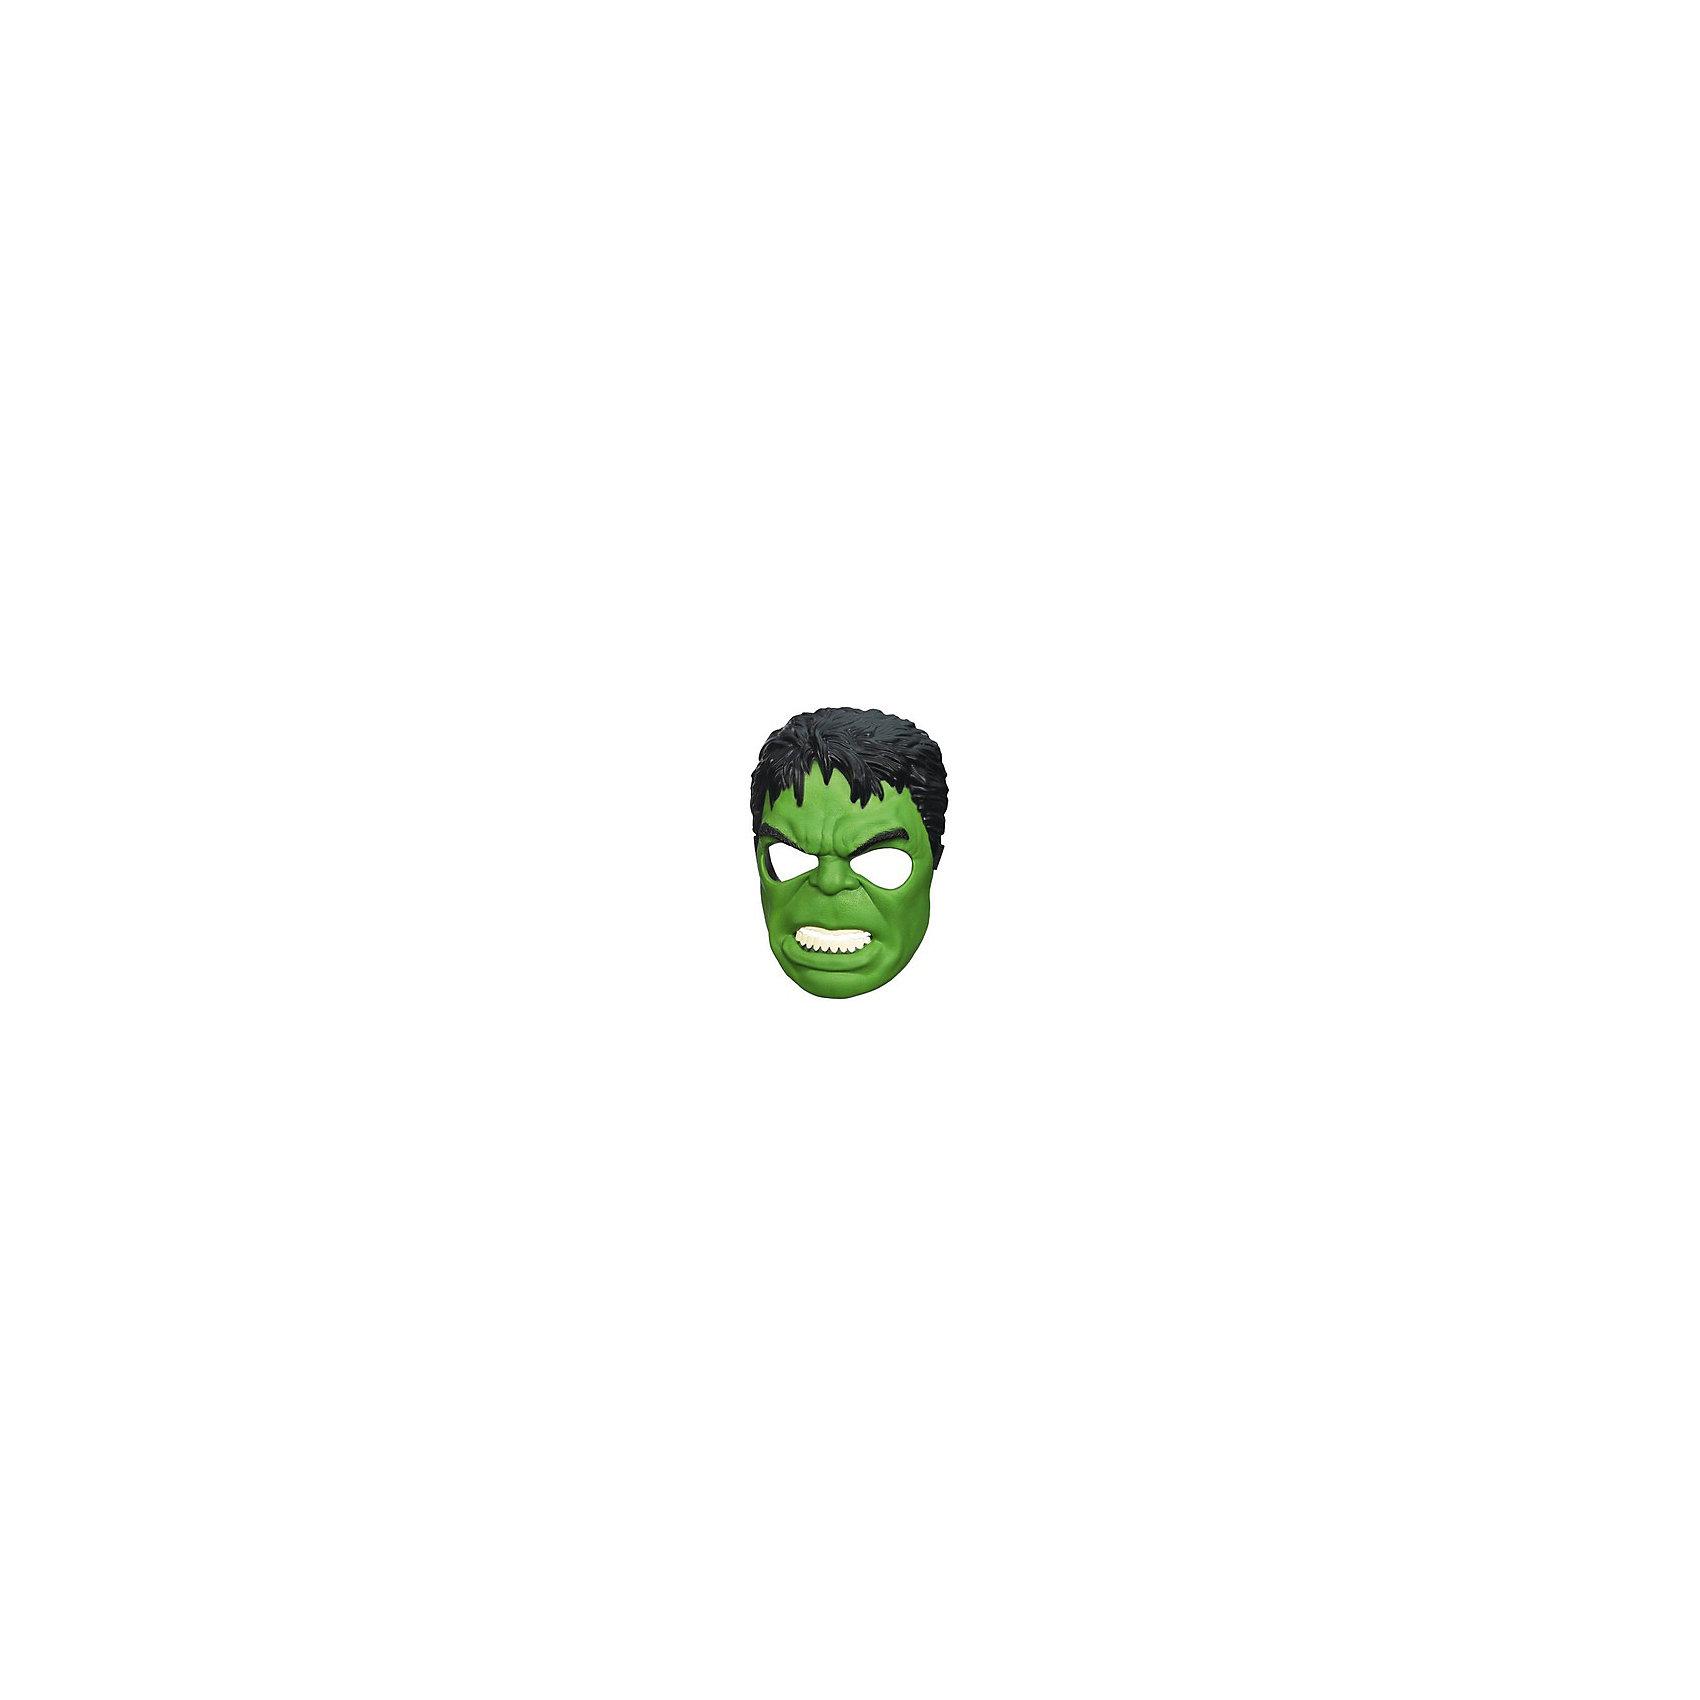 Маска мстителей: Халк, Marvel HeroesИгрушки<br>Маска Халка станет приятным сюрпризом для вашего ребенка, особенно если он является поклонником популярных комиксов и фильмов о супергероях Мстители (Avengers). Маска любимого персонажа поможет ребенку представить себя героем, которой спасает мир от злодеев и погрузиться с друзьями в увлекательный игровой процесс. Маска из прочного пластика выполнена очень реалистично, все детали тщательно проработаны. Размер можно отрегулировать с помощью застежки, область глаз прорезинена. <br><br>Дополнительная информация:  <br><br>- Материал: пластик. <br>- Размер упаковки: 11 х 19,1 х 30,5 см.  <br><br>Маску мстителей: Халк, Marvel Heroes (Герои Марвел), можно купить в нашем интернет-магазине.<br><br>Ширина мм: 238<br>Глубина мм: 215<br>Высота мм: 101<br>Вес г: 116<br>Возраст от месяцев: 48<br>Возраст до месяцев: 96<br>Пол: Мужской<br>Возраст: Детский<br>SKU: 4702897